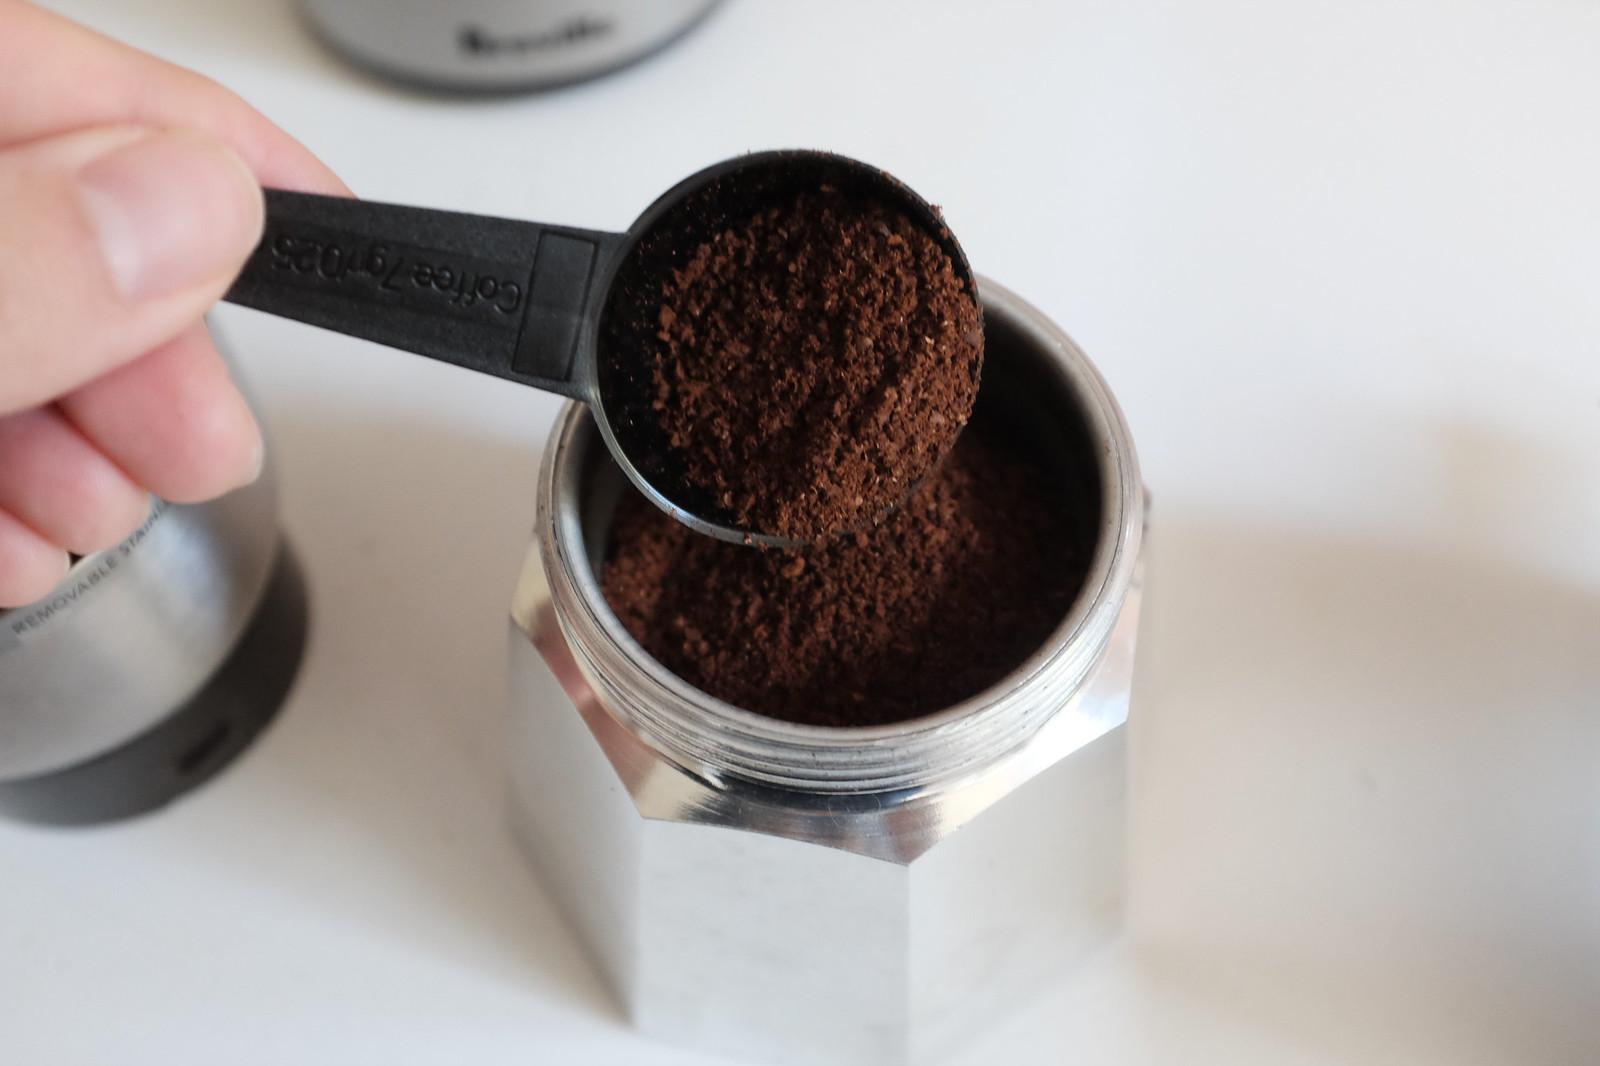 커피를 넣어준다